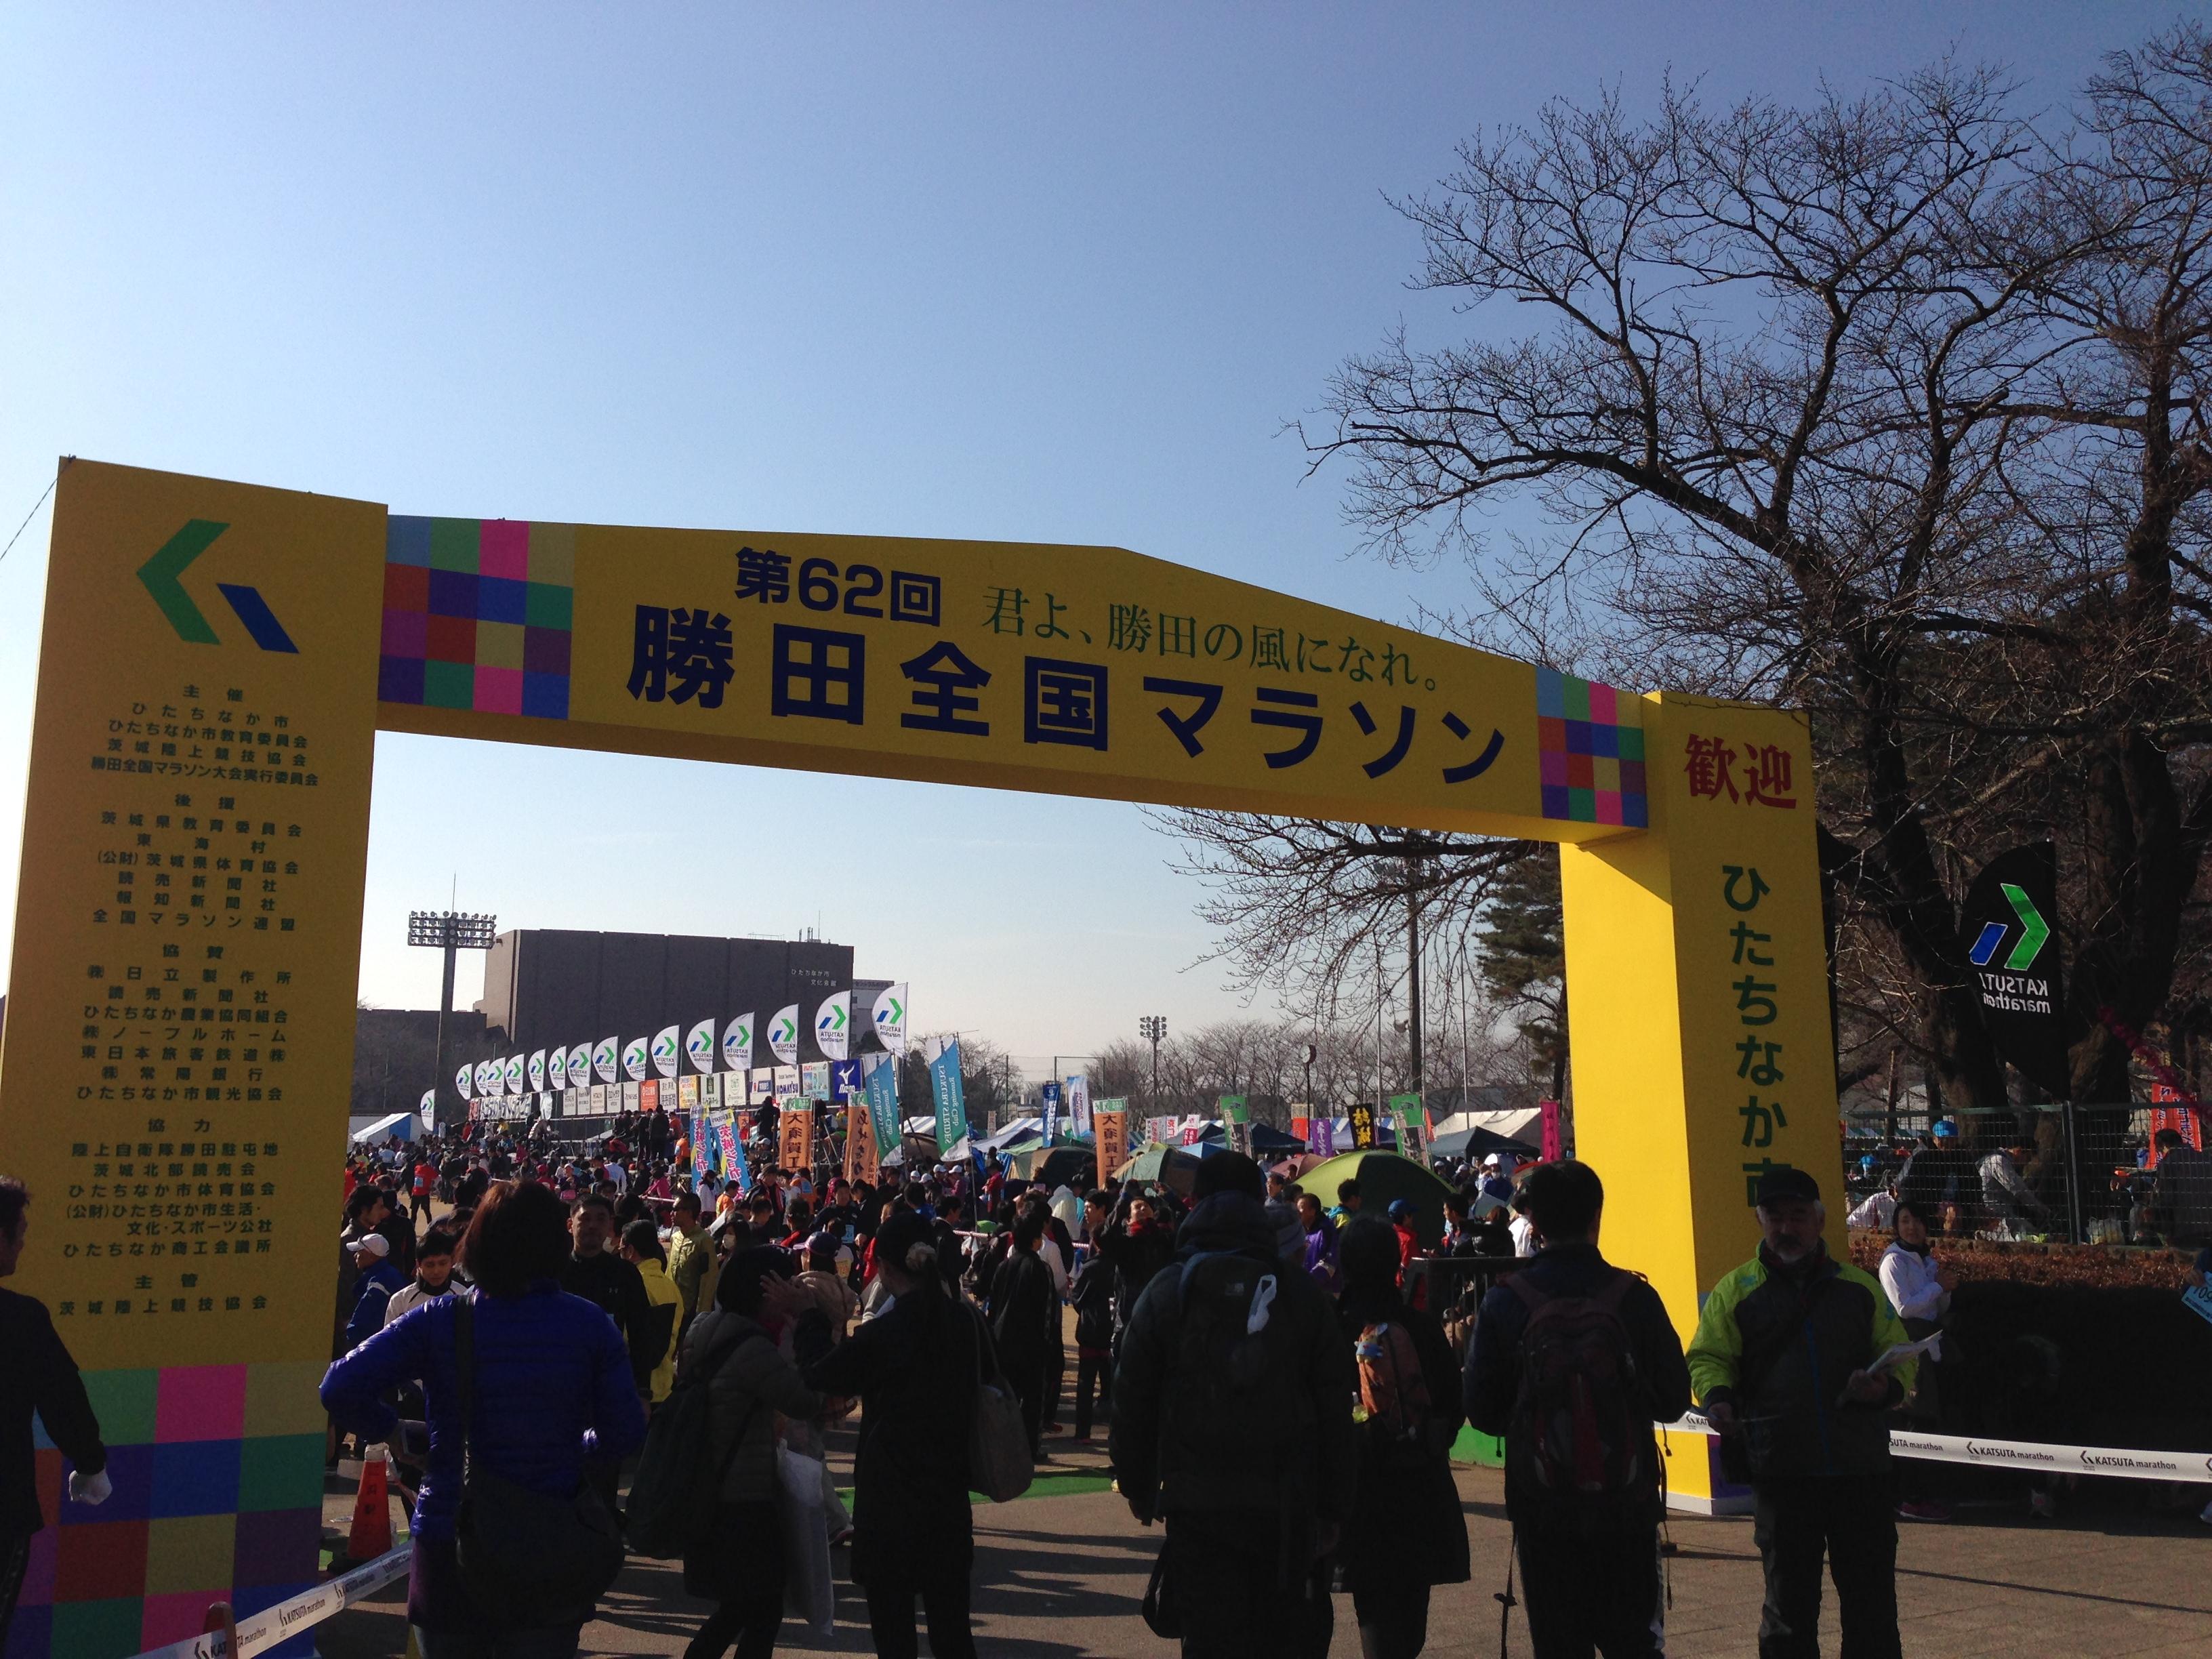 マラソン歴3年ランナーの頭の中をすべて公開します。